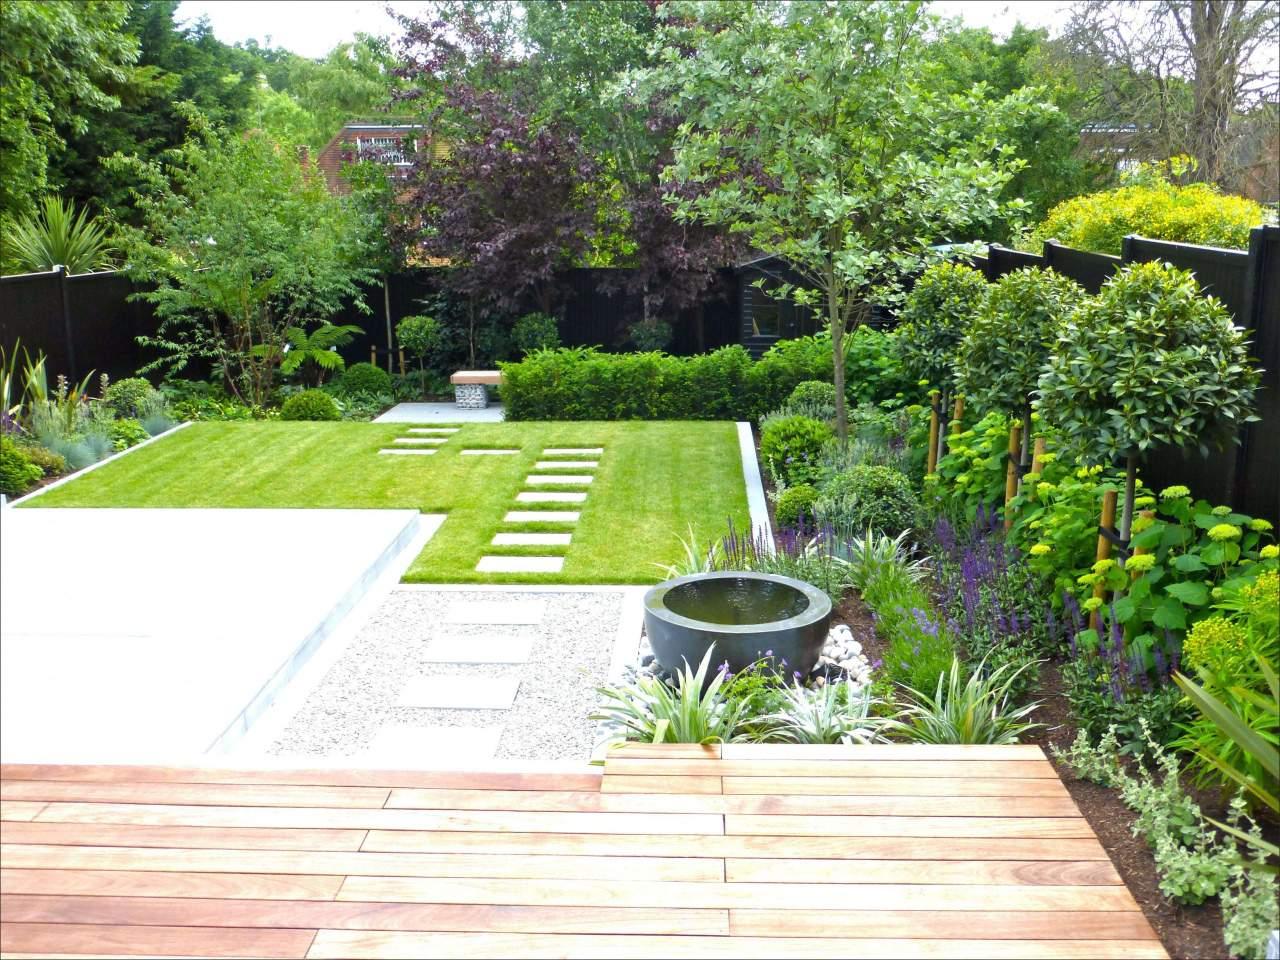 Alte Gartenbank Dekorieren Luxus 27 Luxus Pool Im Garten Kosten Frisch